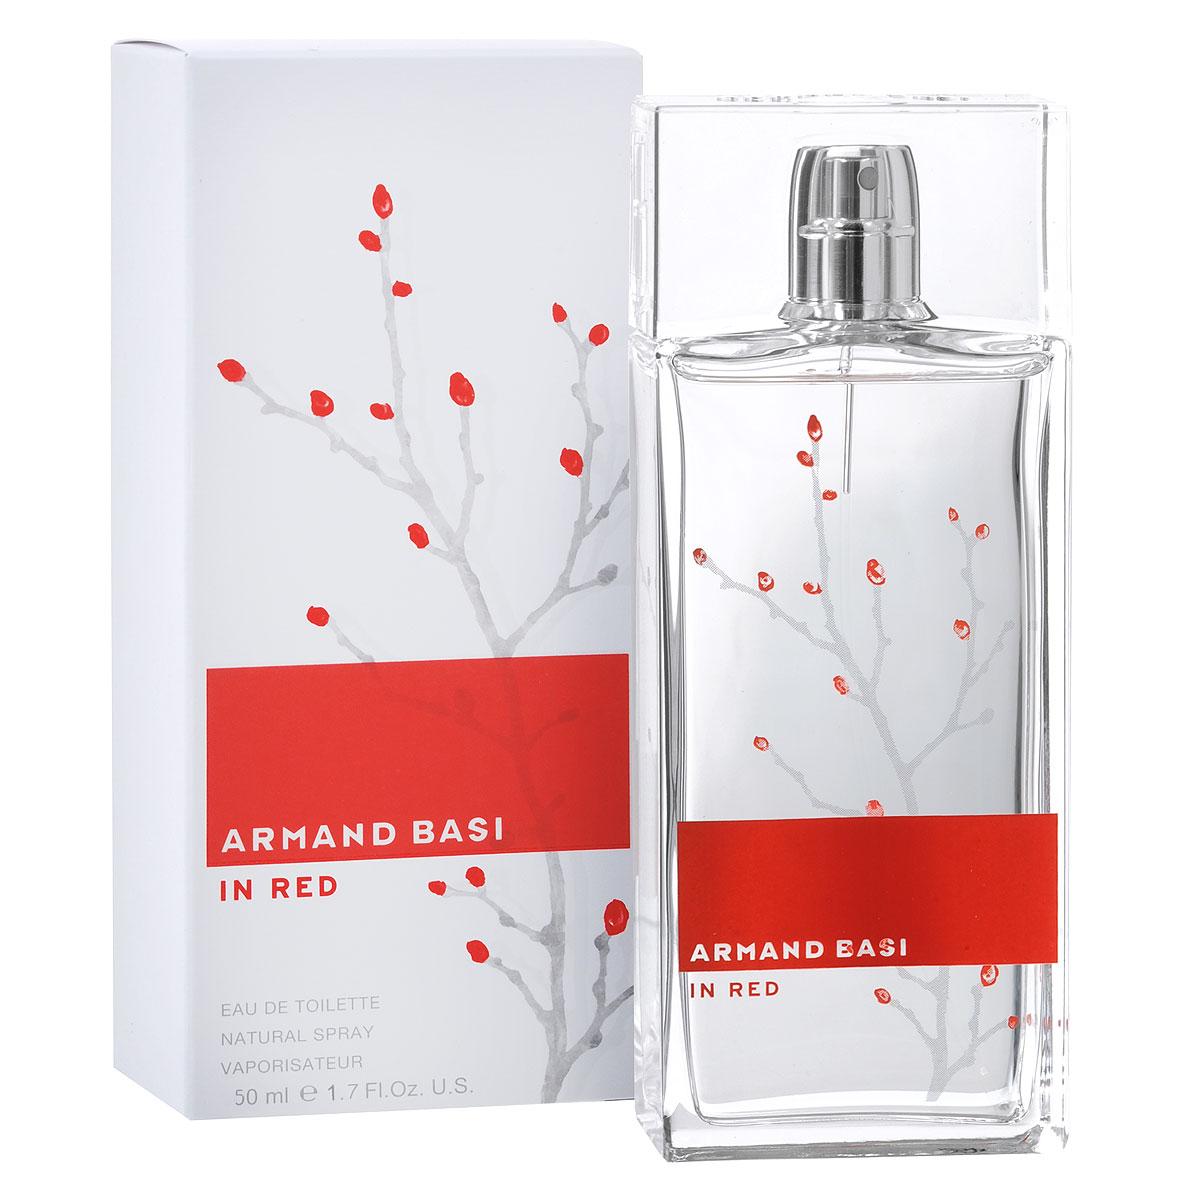 Armand Basi Туалетная вода In Red, женская, 50 мл17325До сих пор марка Armand Basi использовала только черный и белый цвет. Теперь используются и яркие оттенки. Средиземноморское солнце озаряет мир ярким светом - и в концепции Armand Basi In Red появляется красный цвет. Аромат Armand Basi In Red адресован женщине нашего времени: уверенной, подтверждающей свое право на индивидуальность, способной выразить свои чувства и эмоции - женщине нежной, но в то же время сильной и полной страсти.Открывают аромат ноты свежести цитрусовых, мандарина и бергамота в сочетании с пряными нотами имбиря и кардамона. Они являются прелюдией к цветочному сердцу аромата - комбинации оттенков розы, ландыша, жасмина и листьев фиалки. Благородный характер аромата гармонирует с чувственностью и богатством базовых древесных нот и белого мускуса.Классификация аромата: цветочный.Пирамида аромата:Верхние ноты: мандарин, имбирь, бергамот, кардамон.Ноты сердца: жасмин, листья фиалки, роза, ландыш.Ноты шлейфа: дубовый мох, древесные ноты, мускус.Ключевые словаСтрастный, чувственный, благородный!Туалетная вода - один из самых популярных видов парфюмерной продукции. Туалетная вода содержит 4-10%парфюмерного экстракта. Главные достоинства данного типа продукции заключаются в доступной цене, разнообразии форматов (как правило, 30, 50, 75, 100 мл), удобстве использования (чаще всего - спрей). Идеальна для дневного использования.Товар сертифицирован.